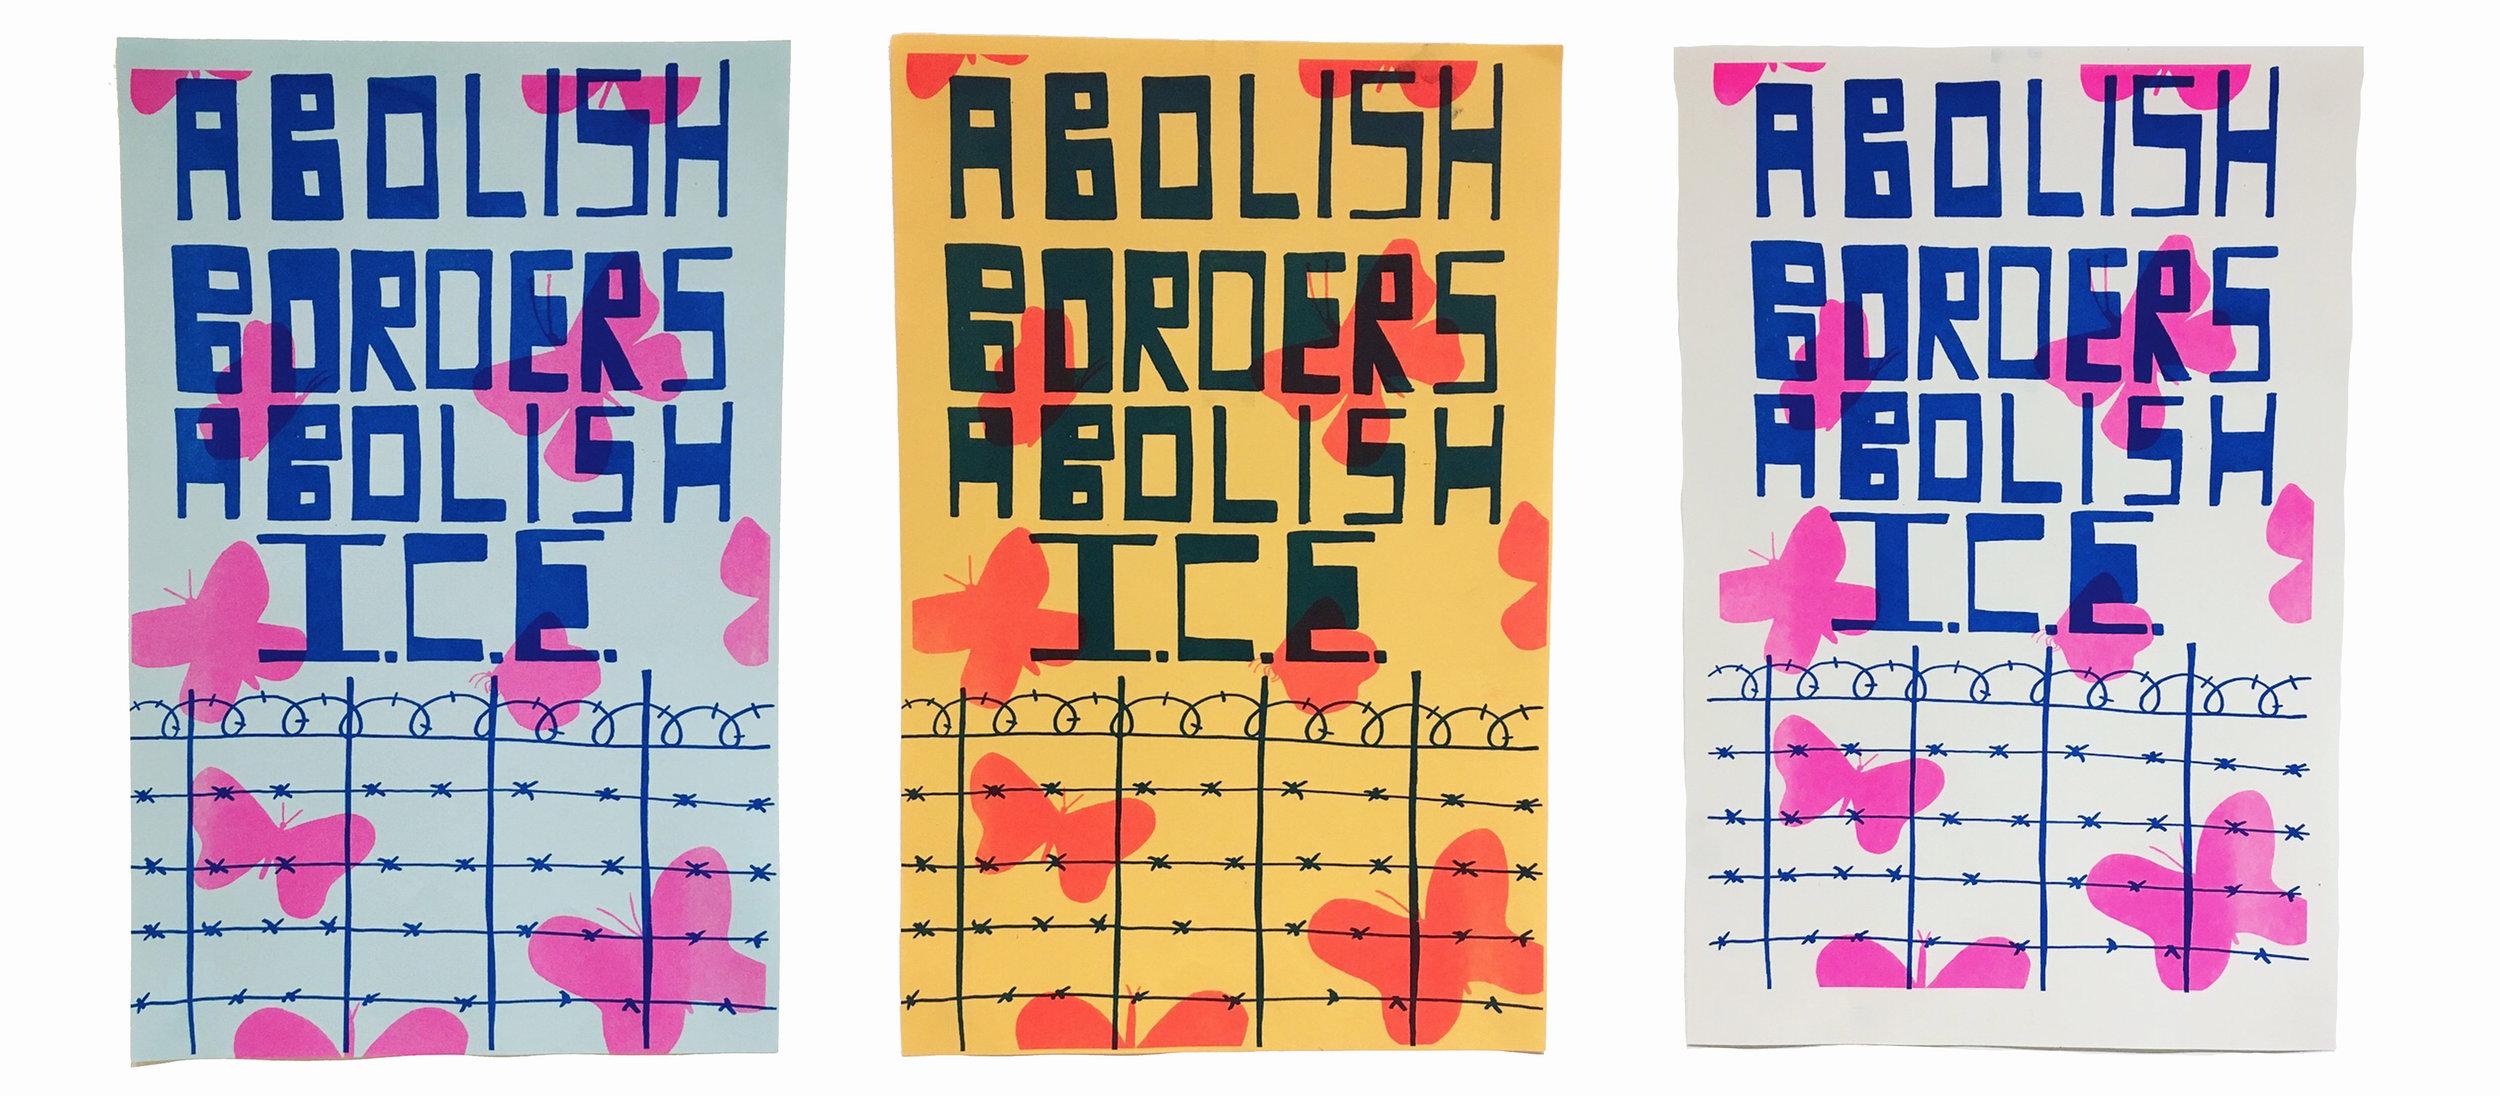 Abolish Borders, Abolish I.C.E.